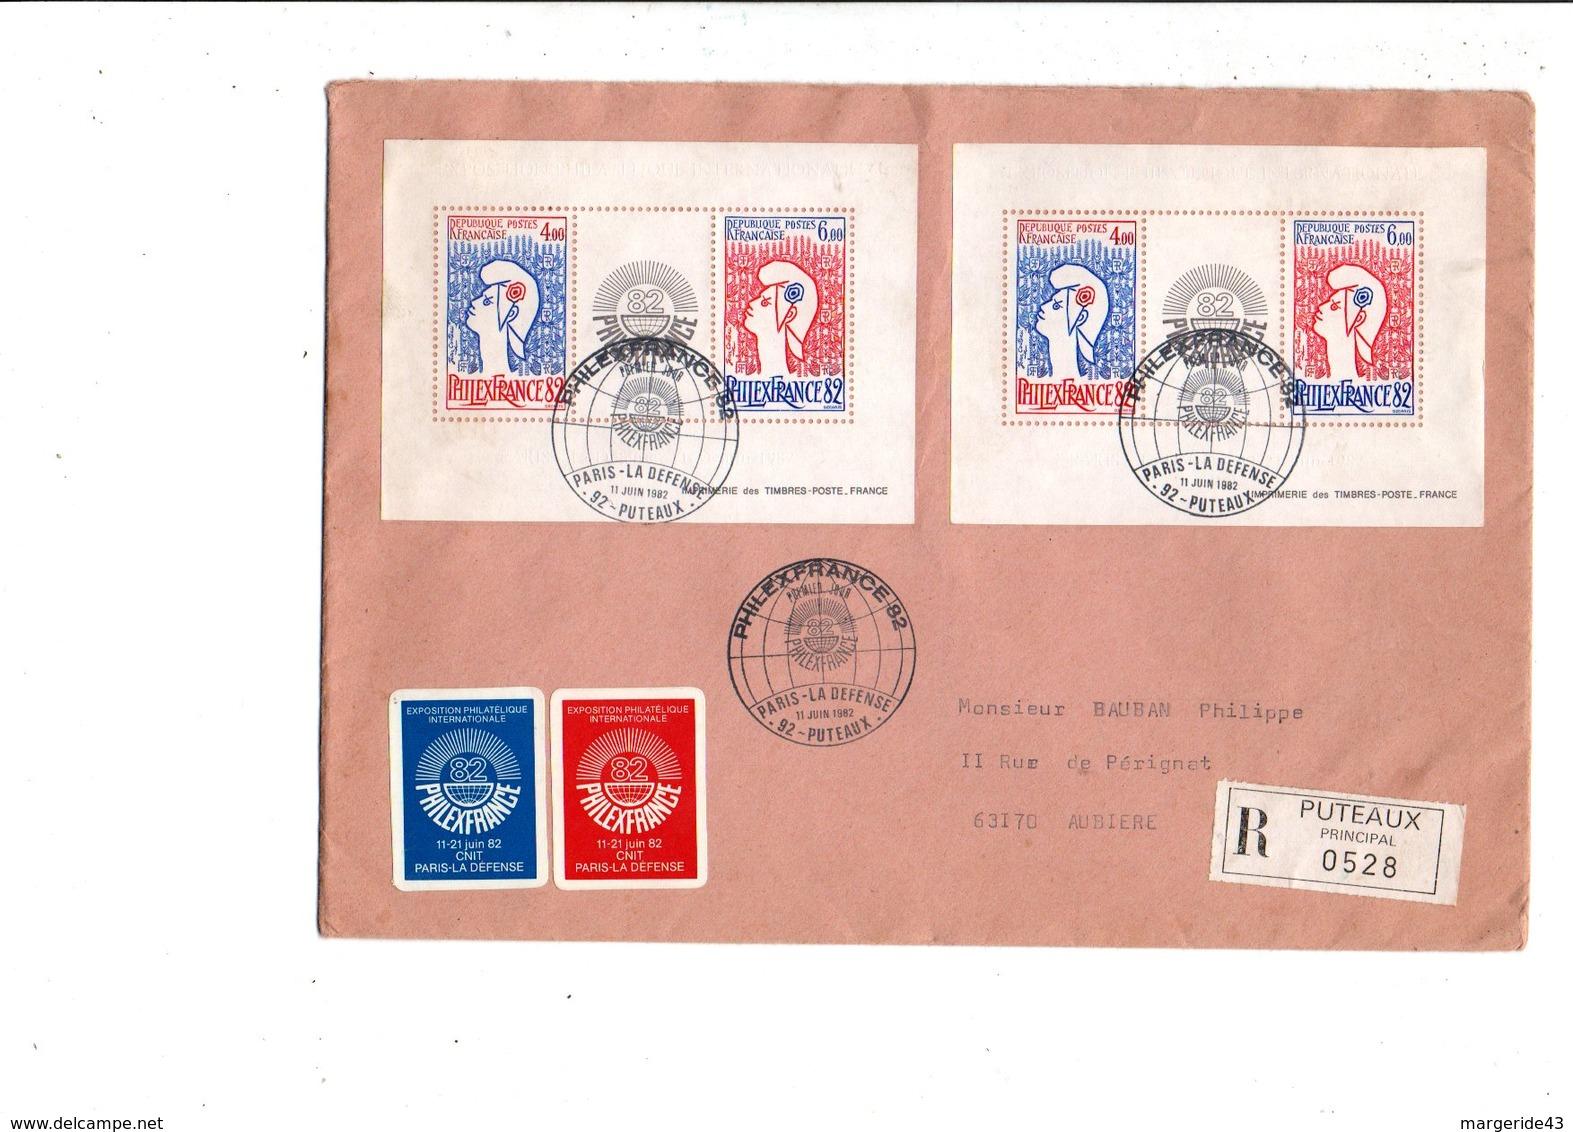 AFFRANCHISSEMENT COMPOSE DE 2 BF N°8 SUR LETTRE RECOMMANDEE DE PUTEAUX 1982 - Storia Postale